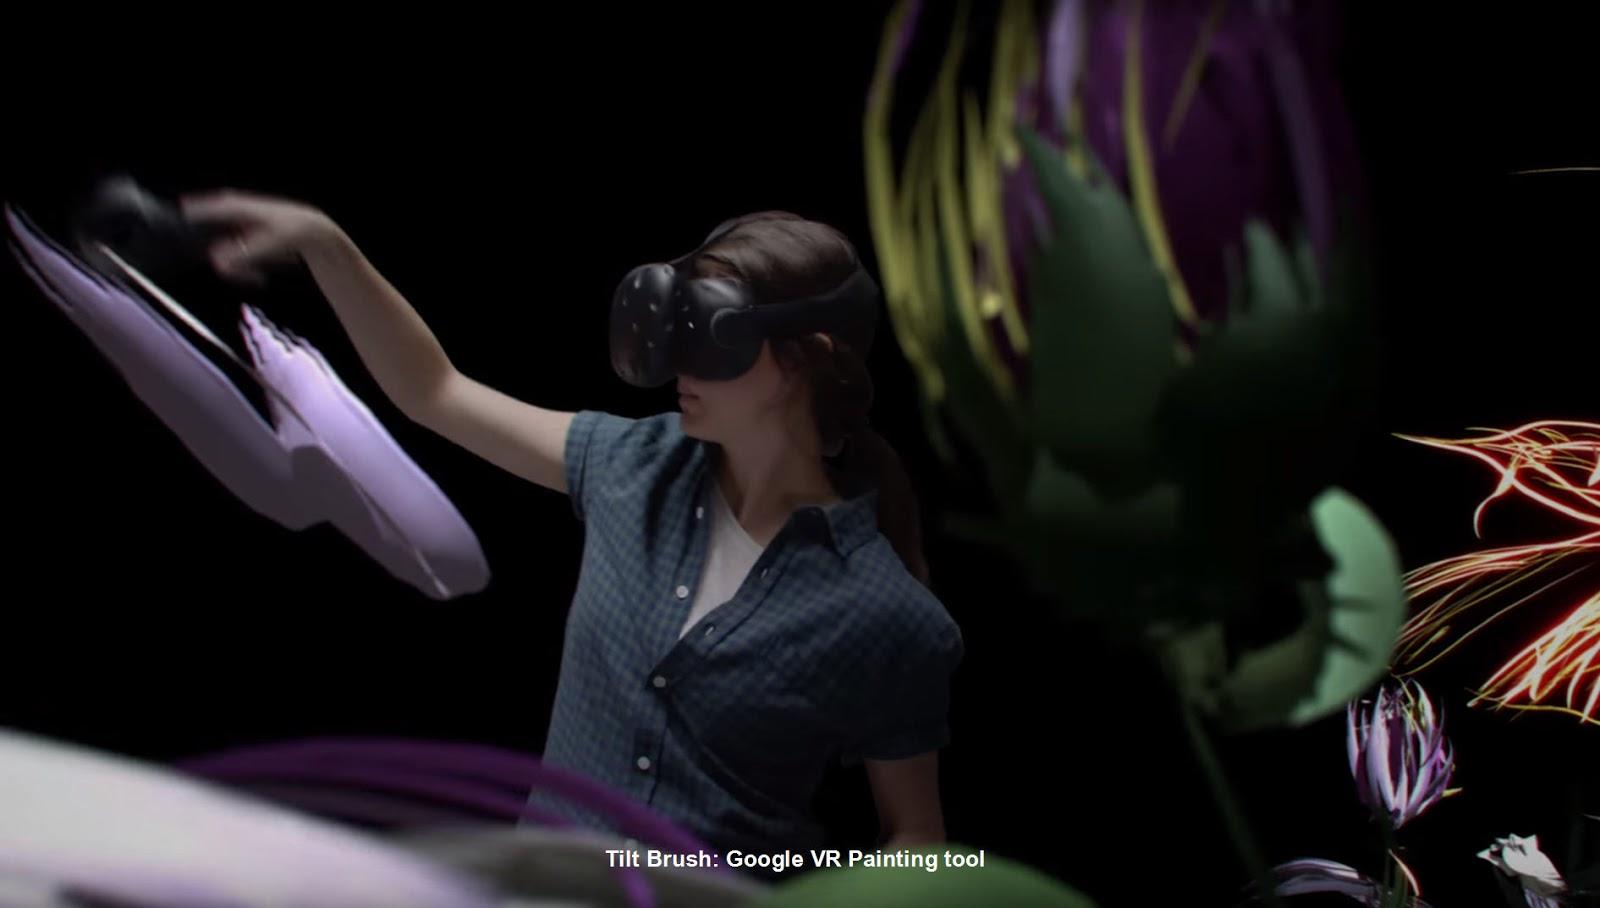 Tilt Brush: Google VR Painting program | CG Daily News